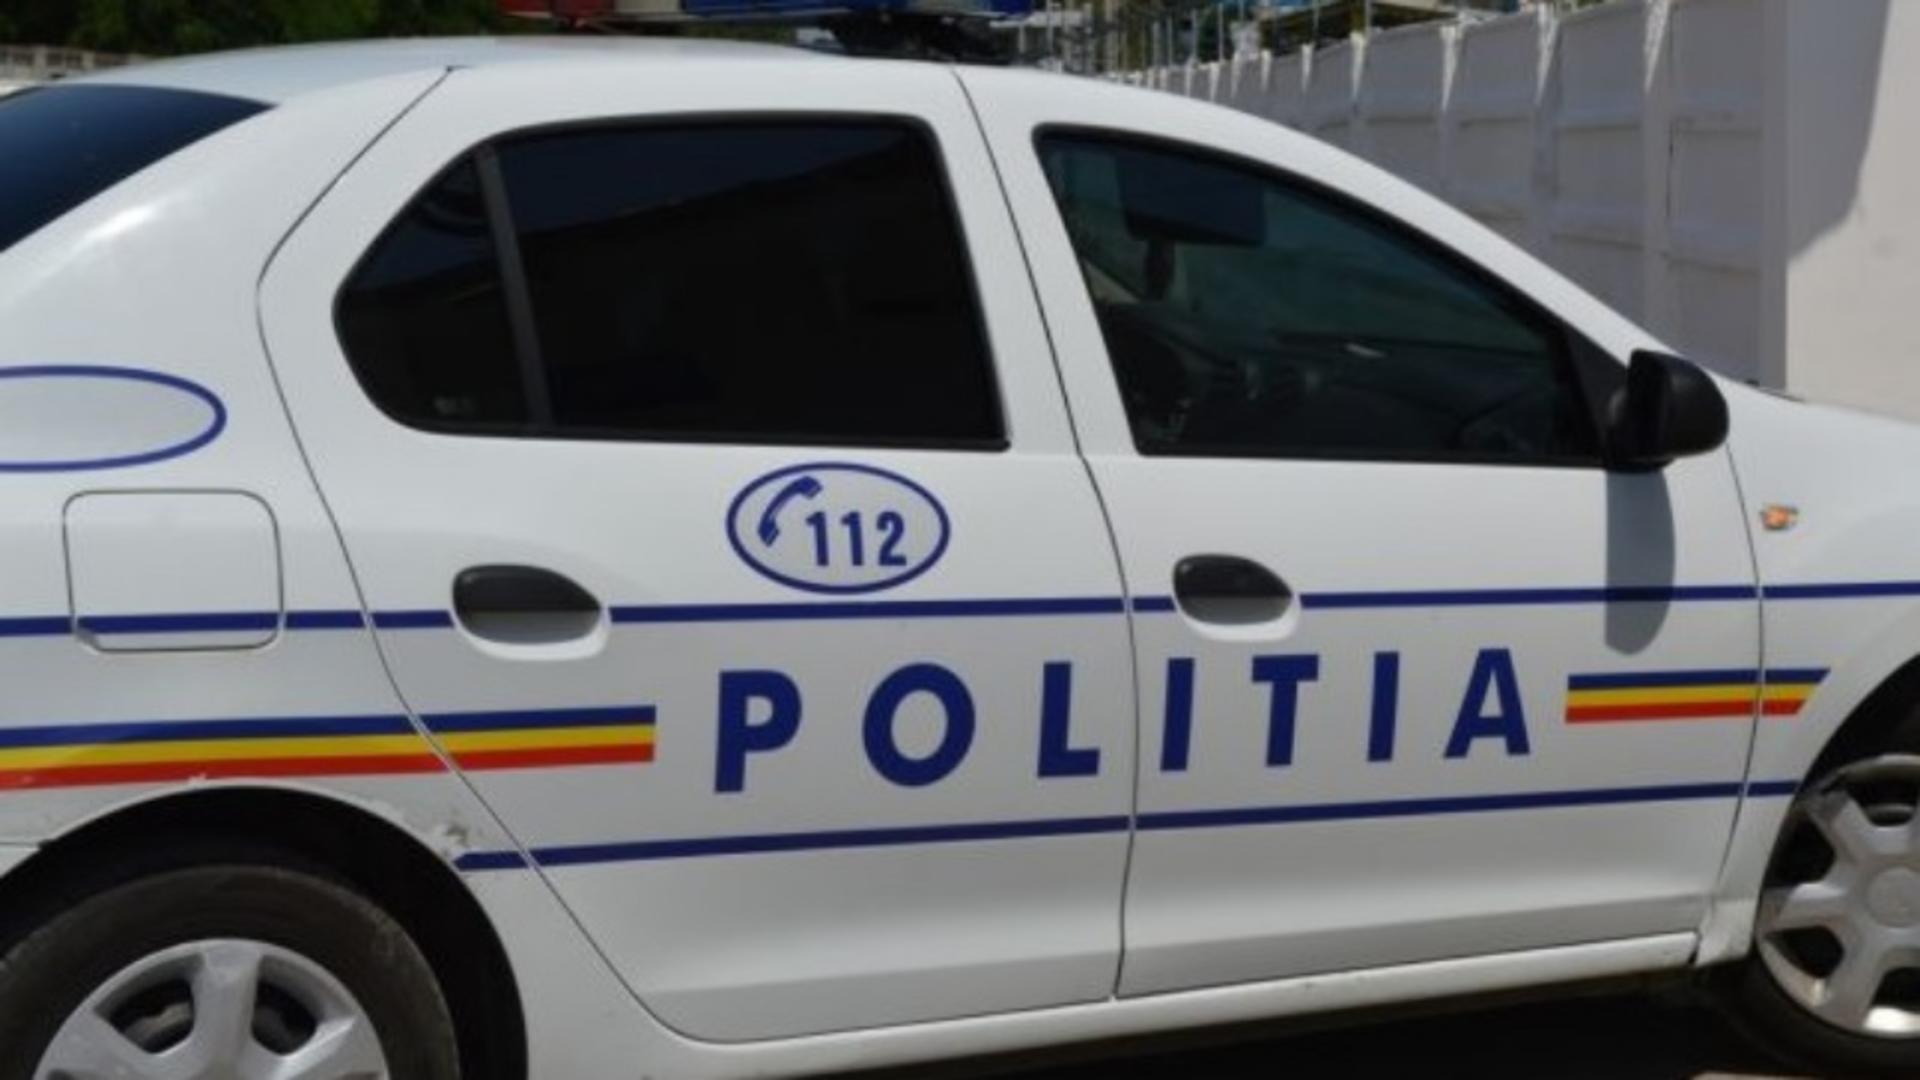 Masina a politiei (foto generic)